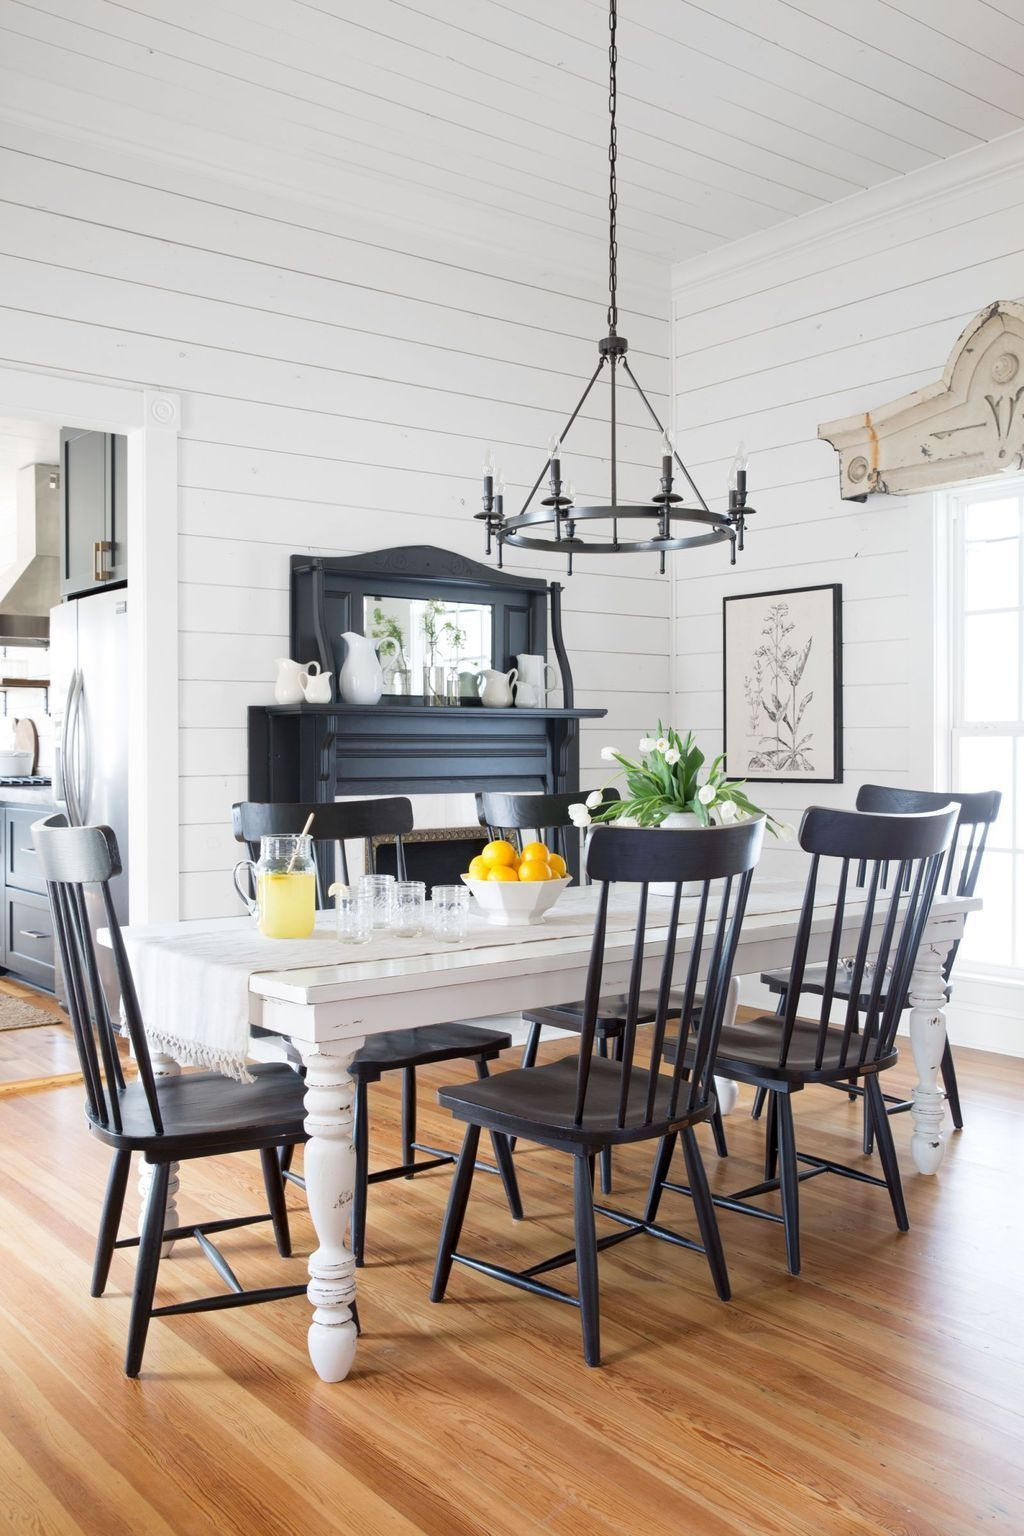 Amazing Rustic Dining Room Design Ideas 34